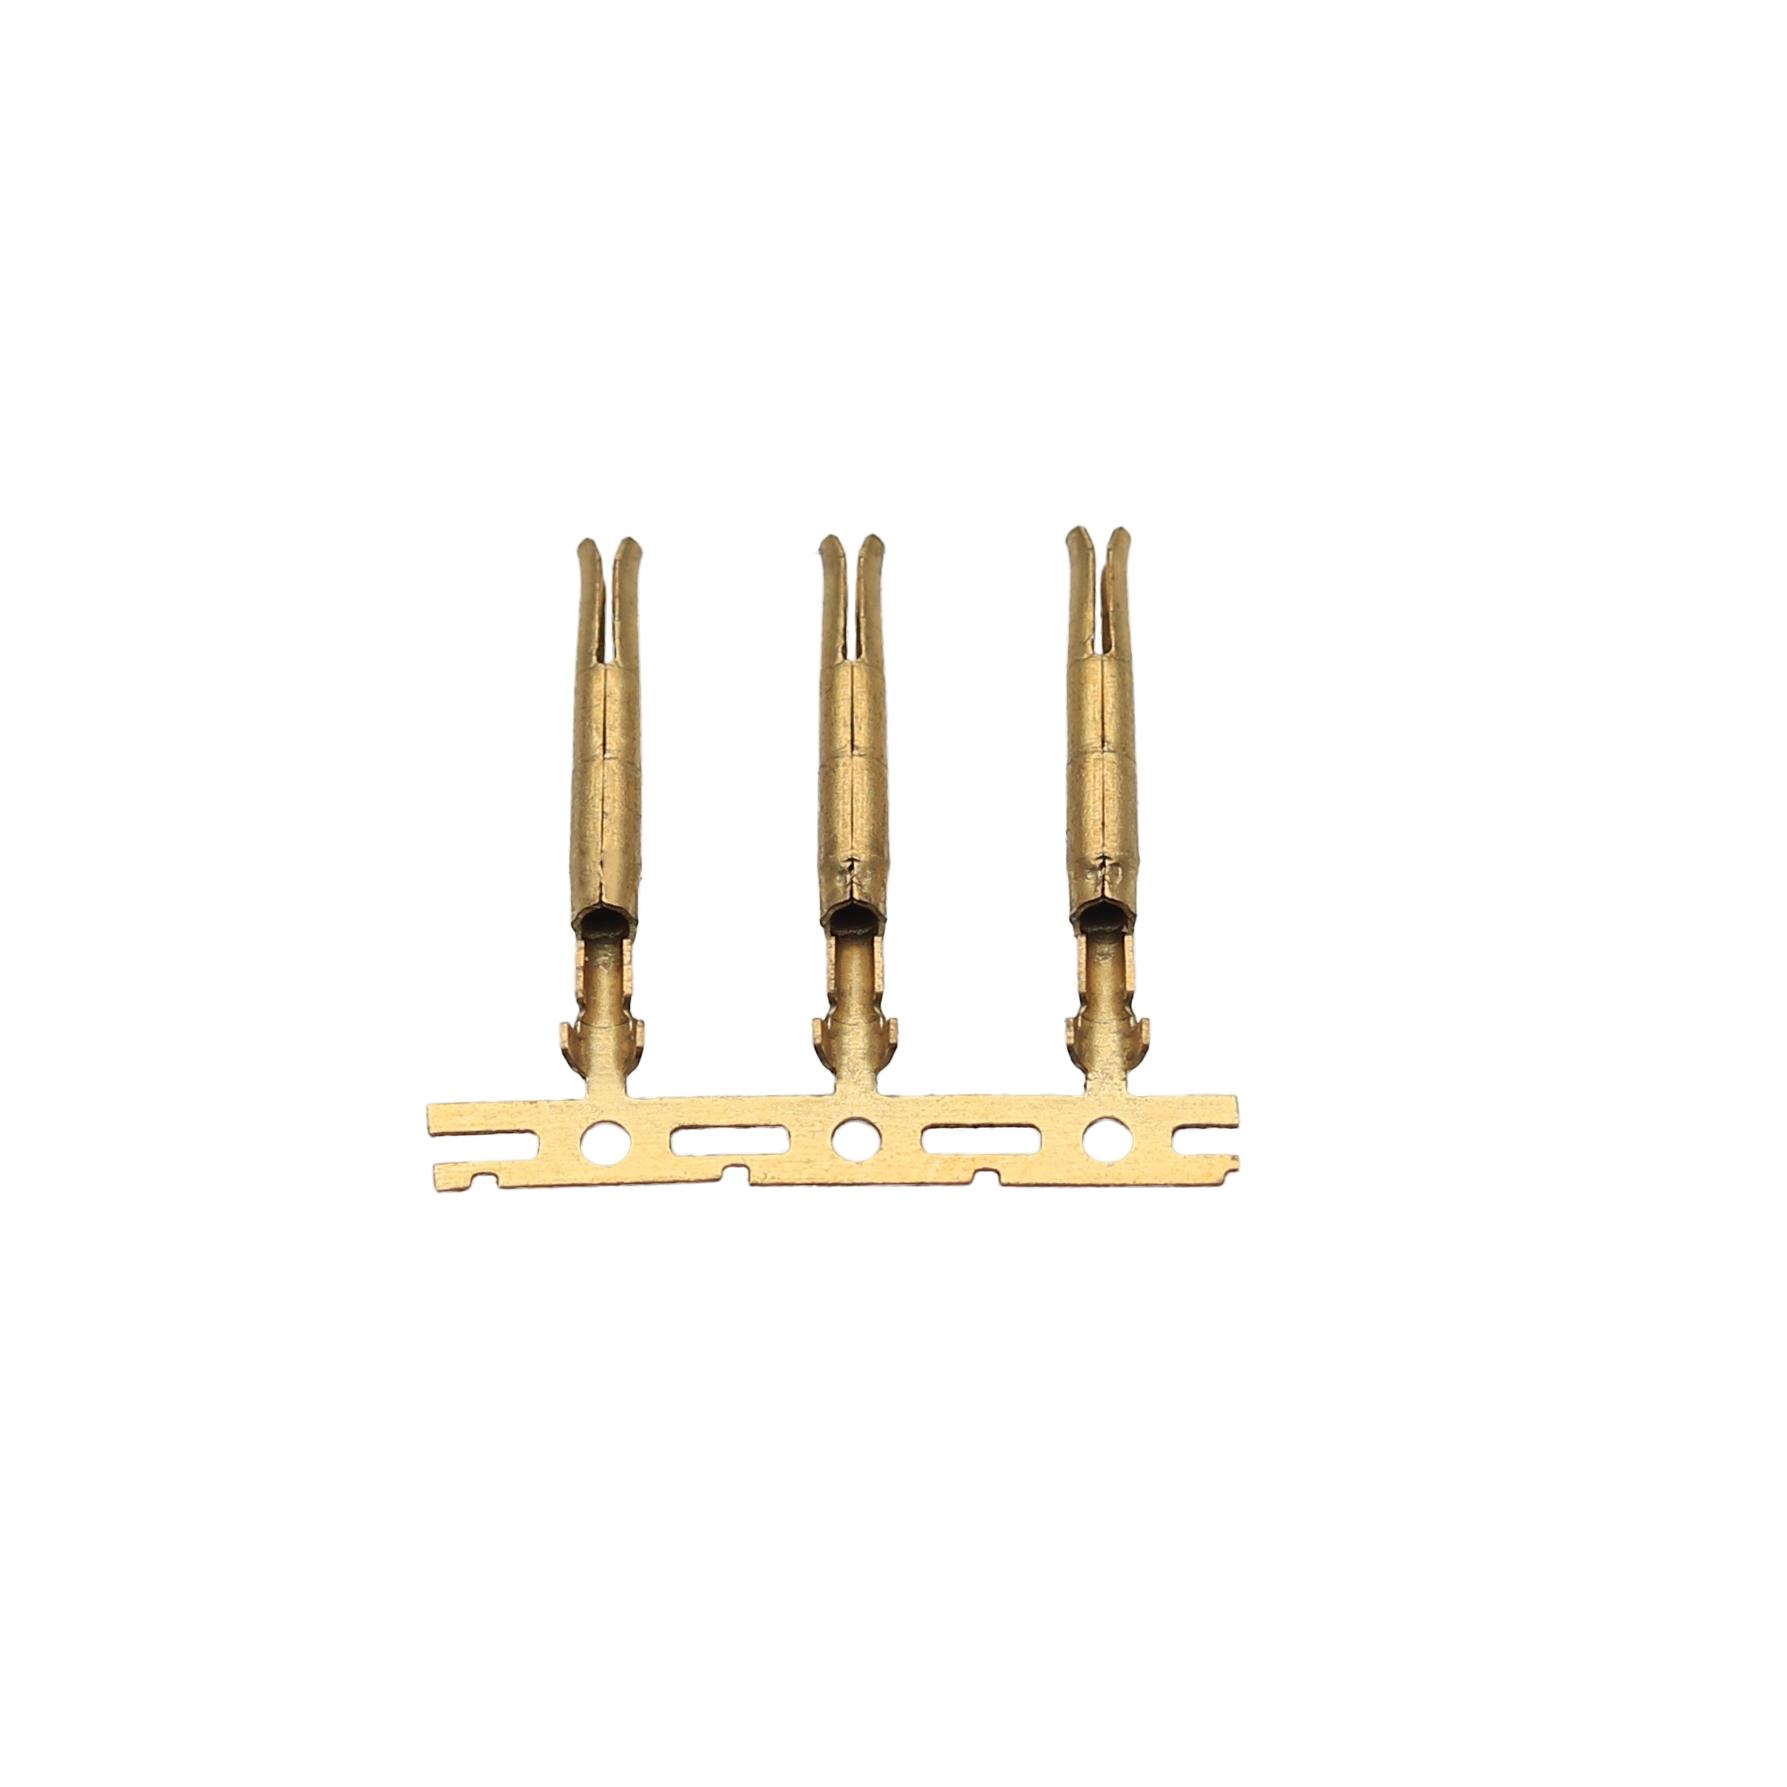 1.5開口母端 醫療接線端子精密模具優質供應商志盈端子